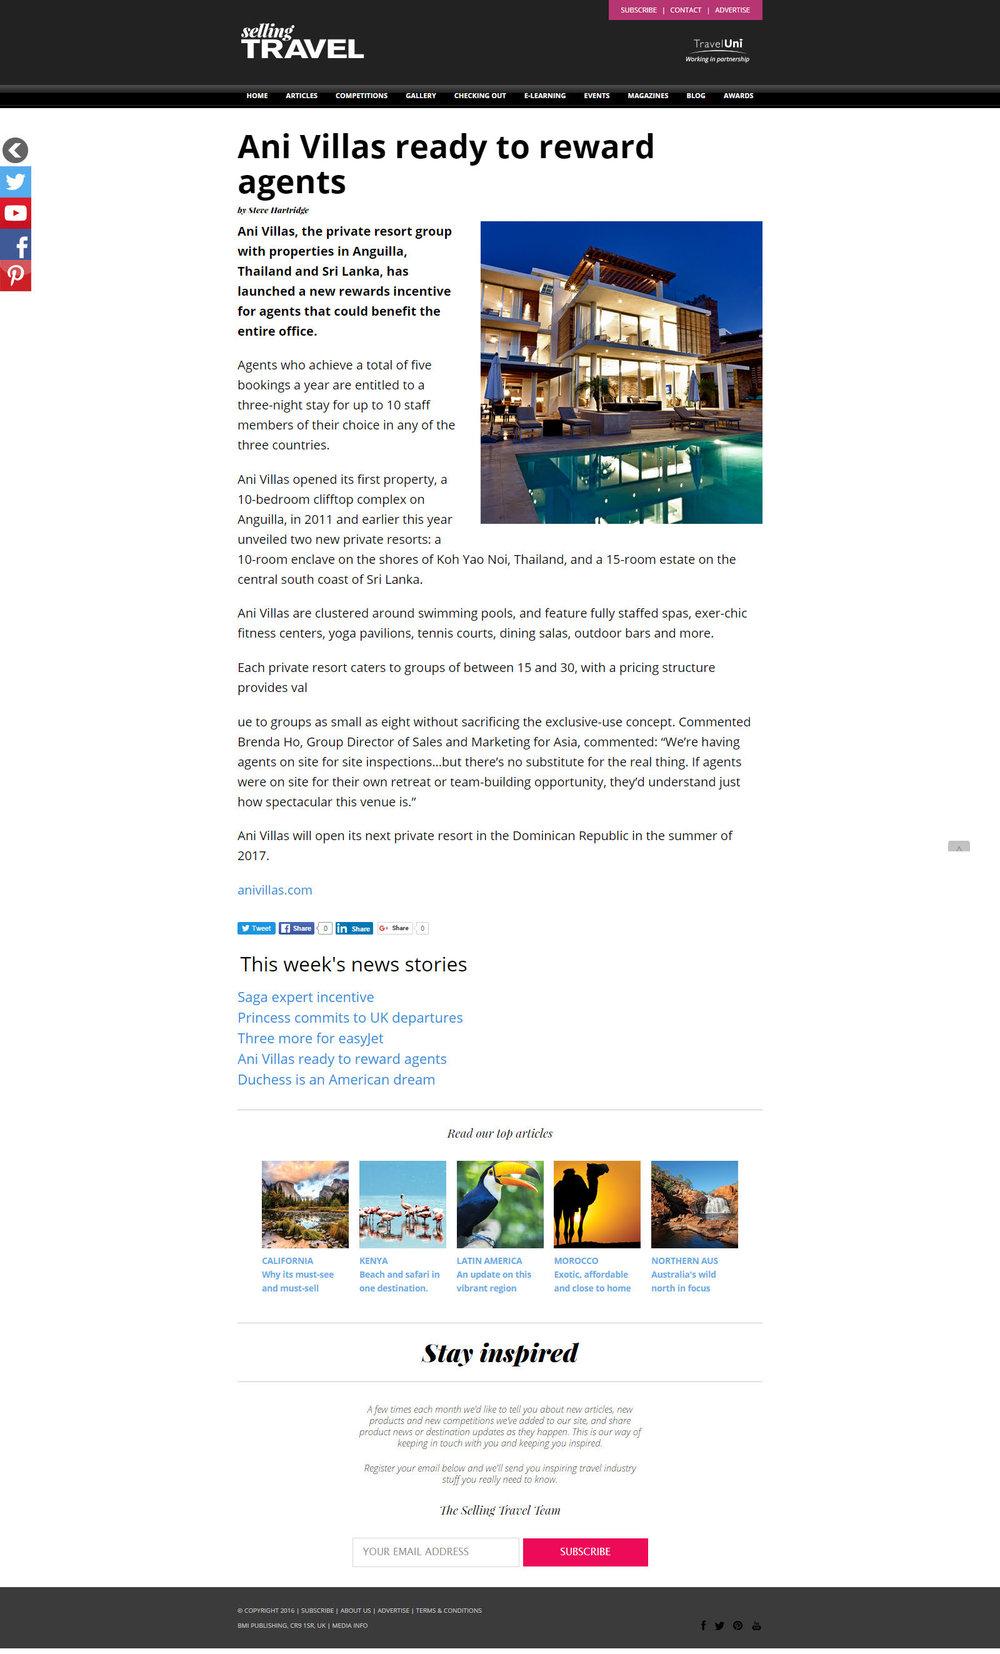 2016.11.30.SellingTravel_Page_1_Image_0001.jpg